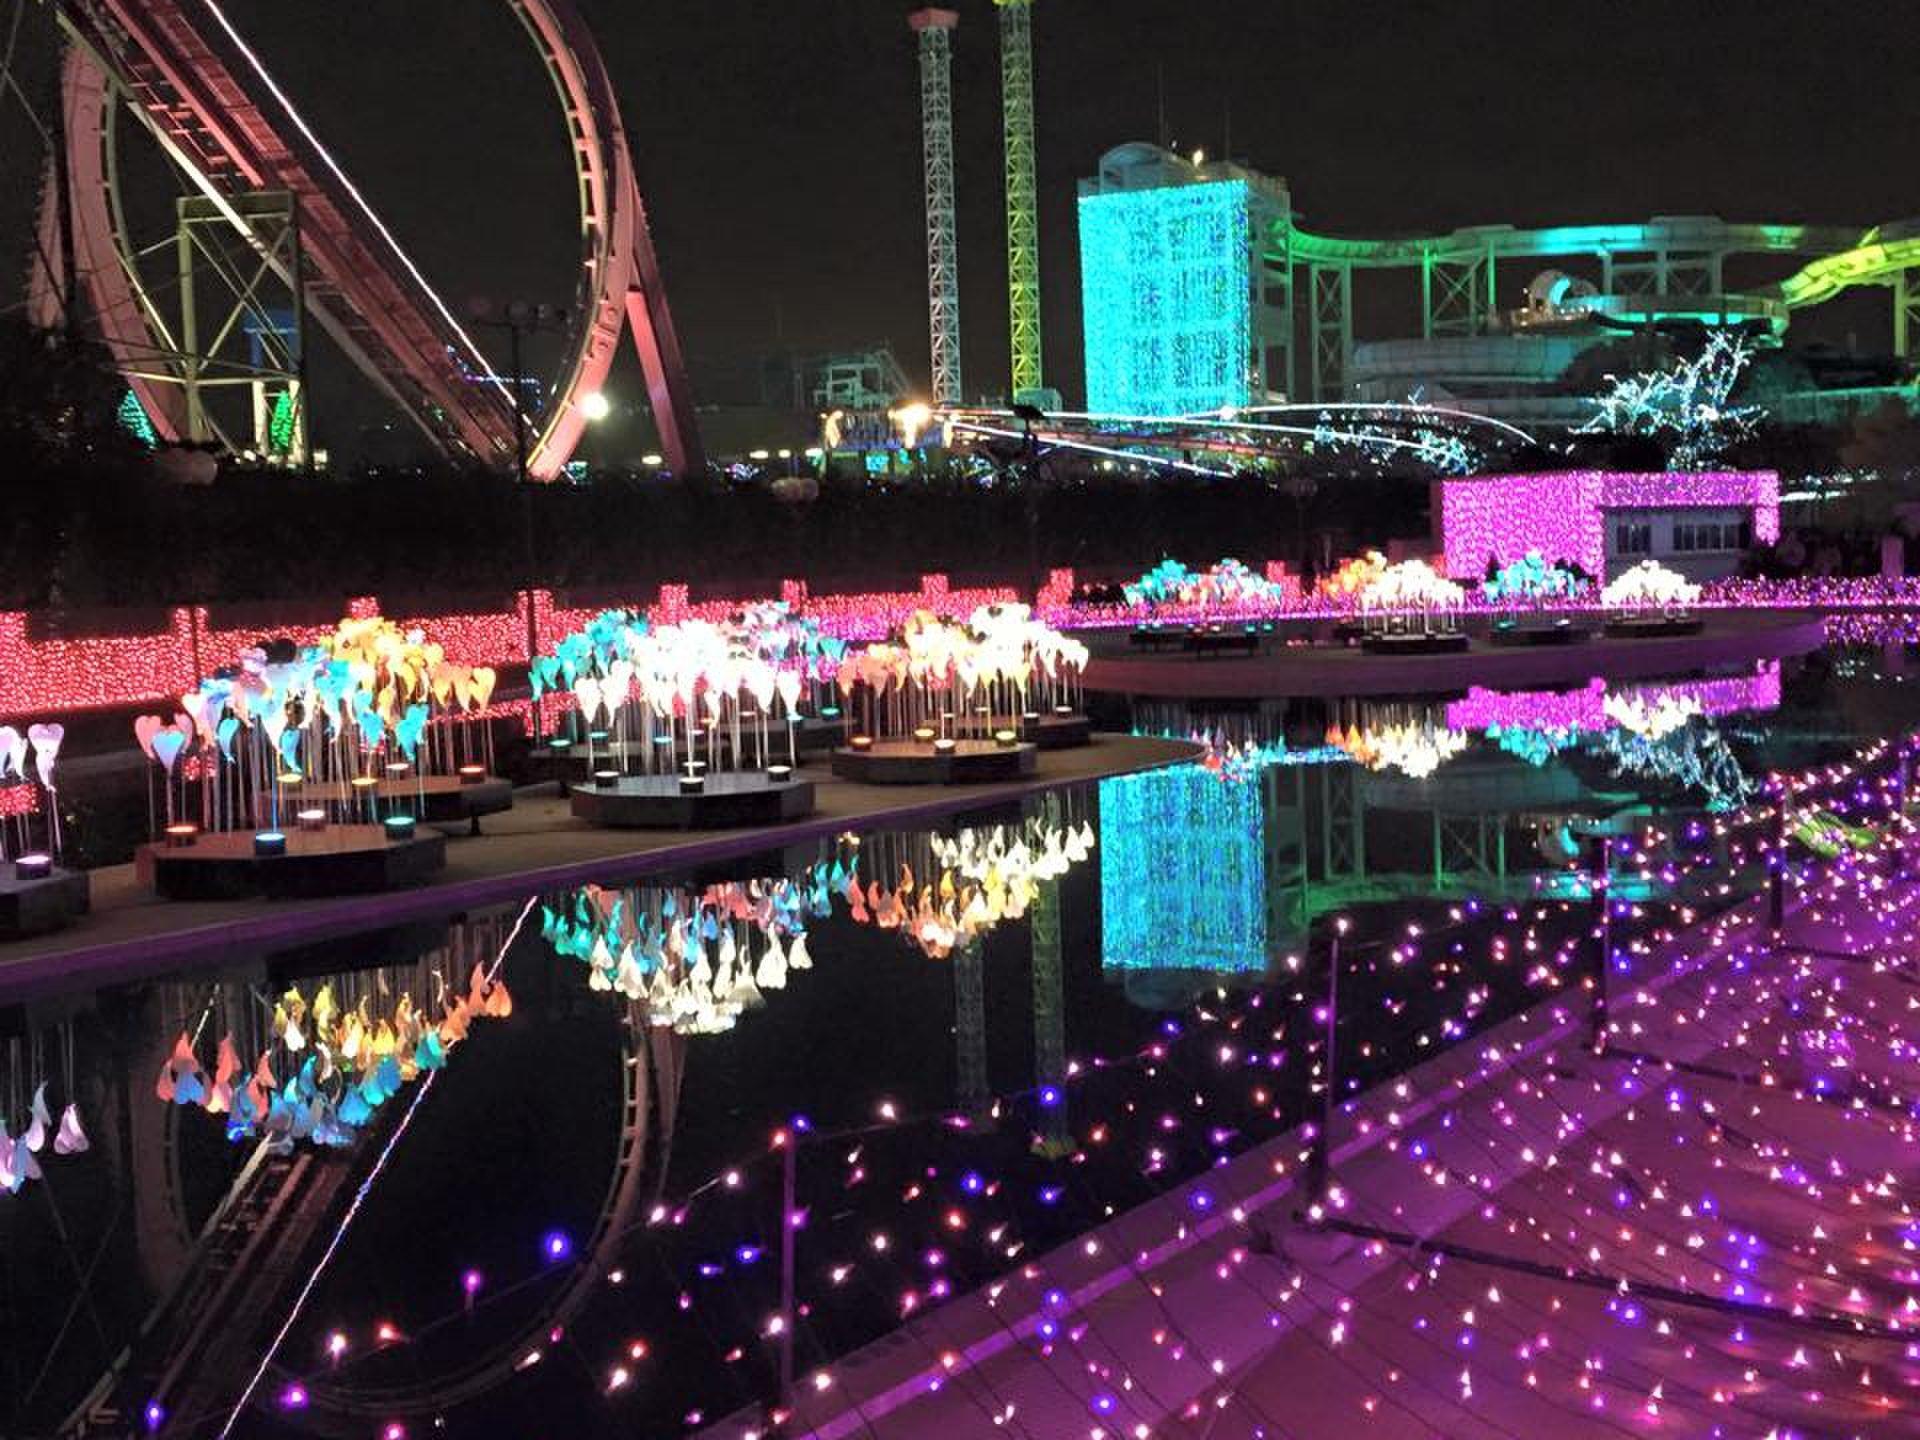 関東周辺&東京都内のクリスマスのデートに行きたい!イルミネーションスポット10選☆